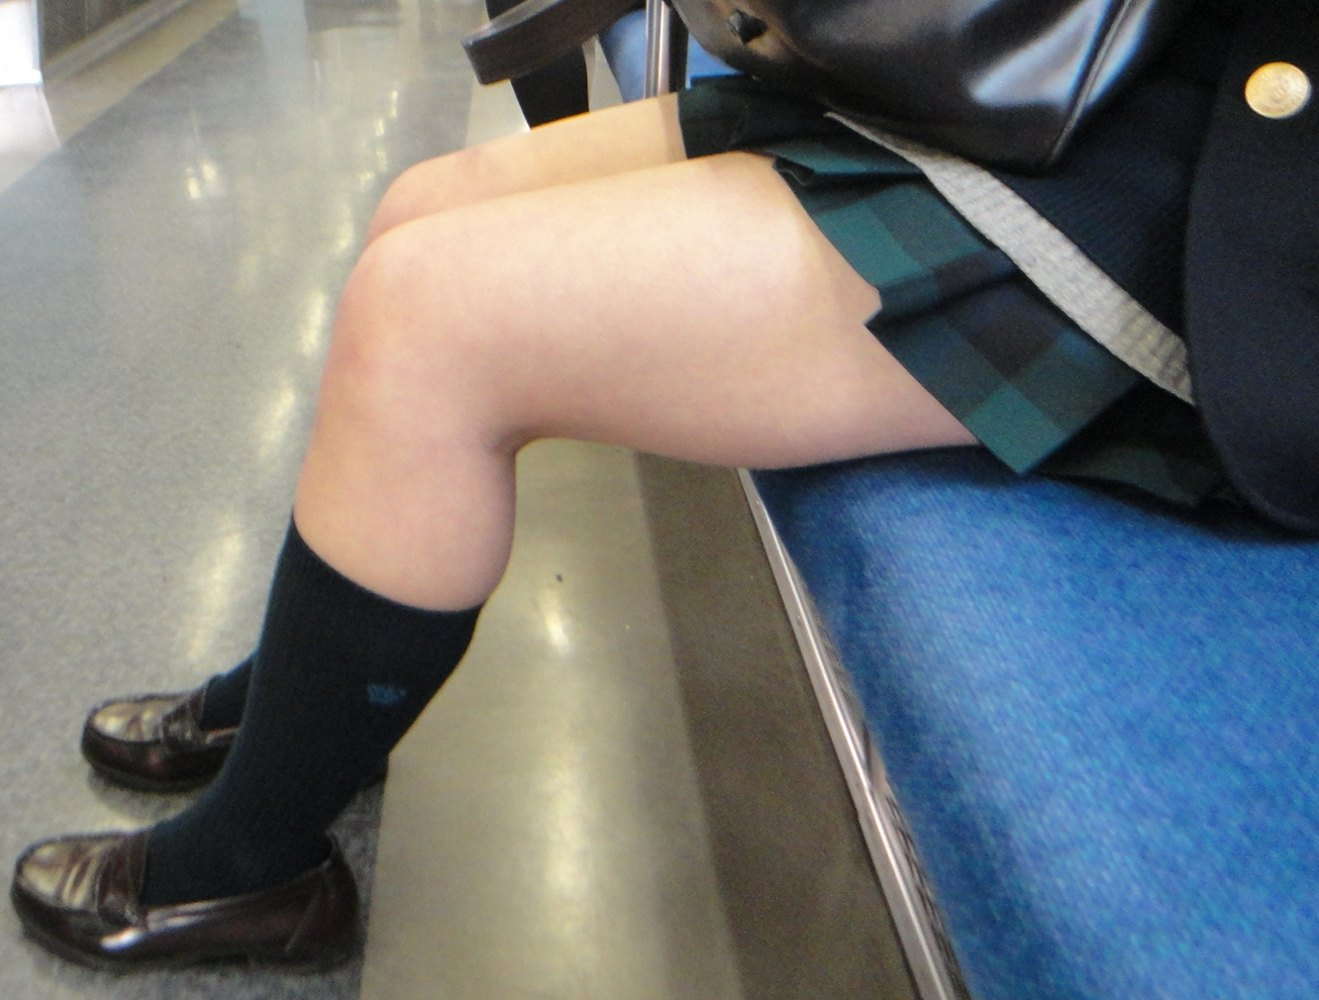 【JK画像】電車内でお座り中のJKたちのムチムチ太股をこっそり激写 08